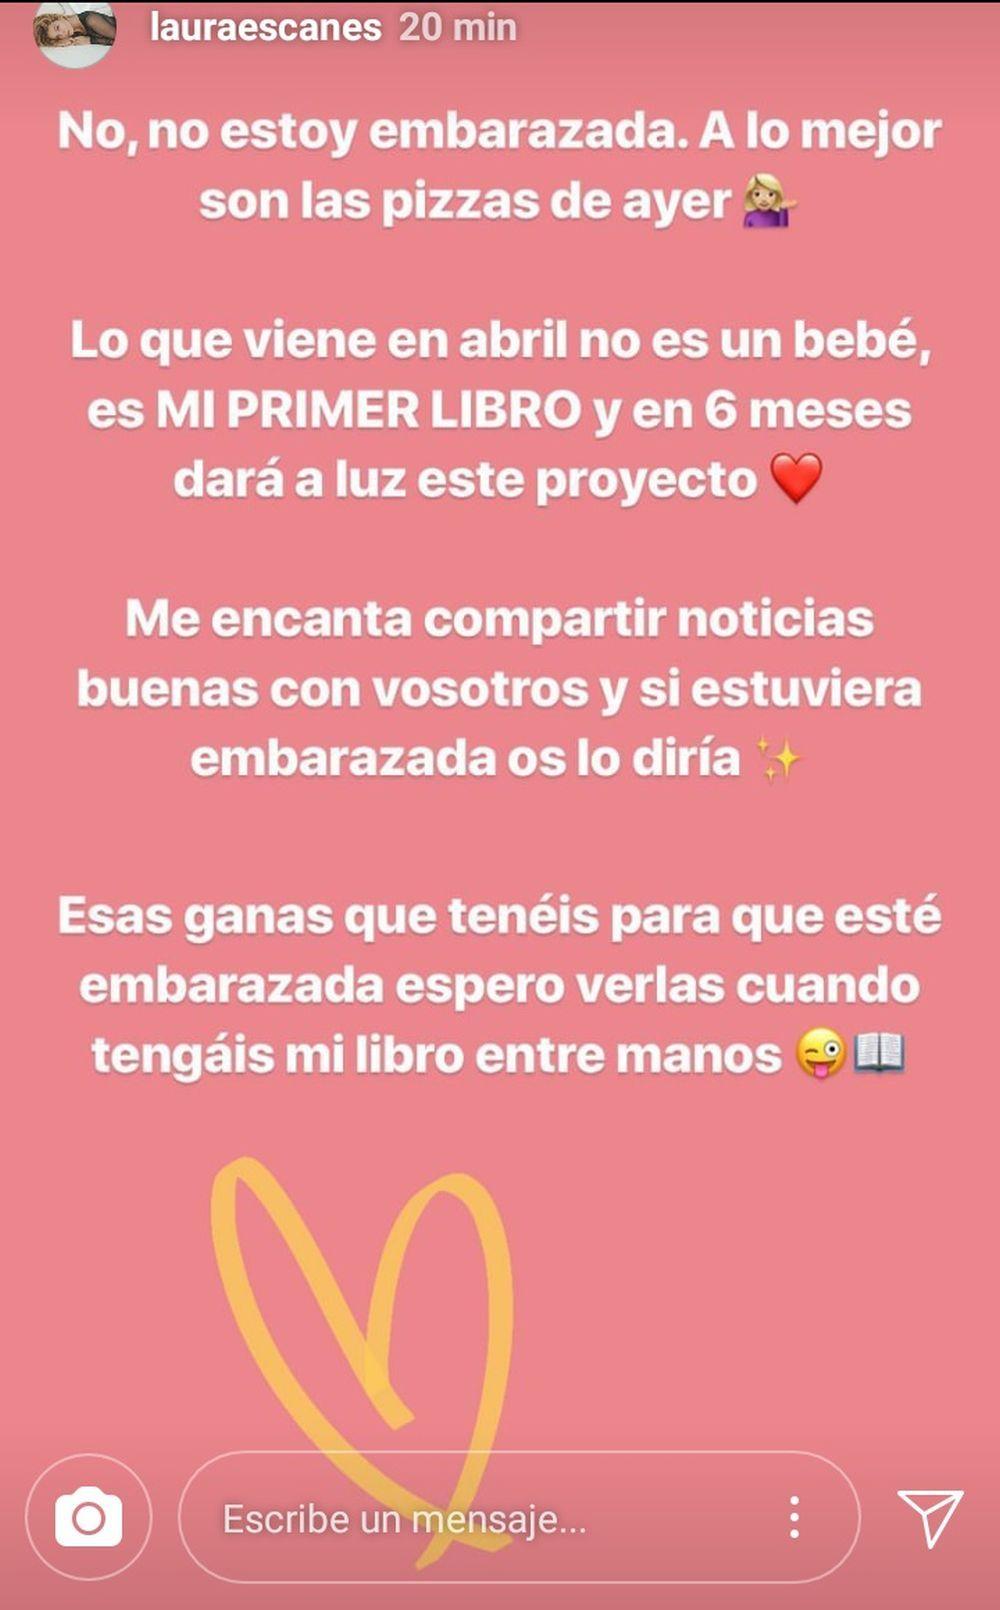 Stories del Instagram de Laura Escanes.